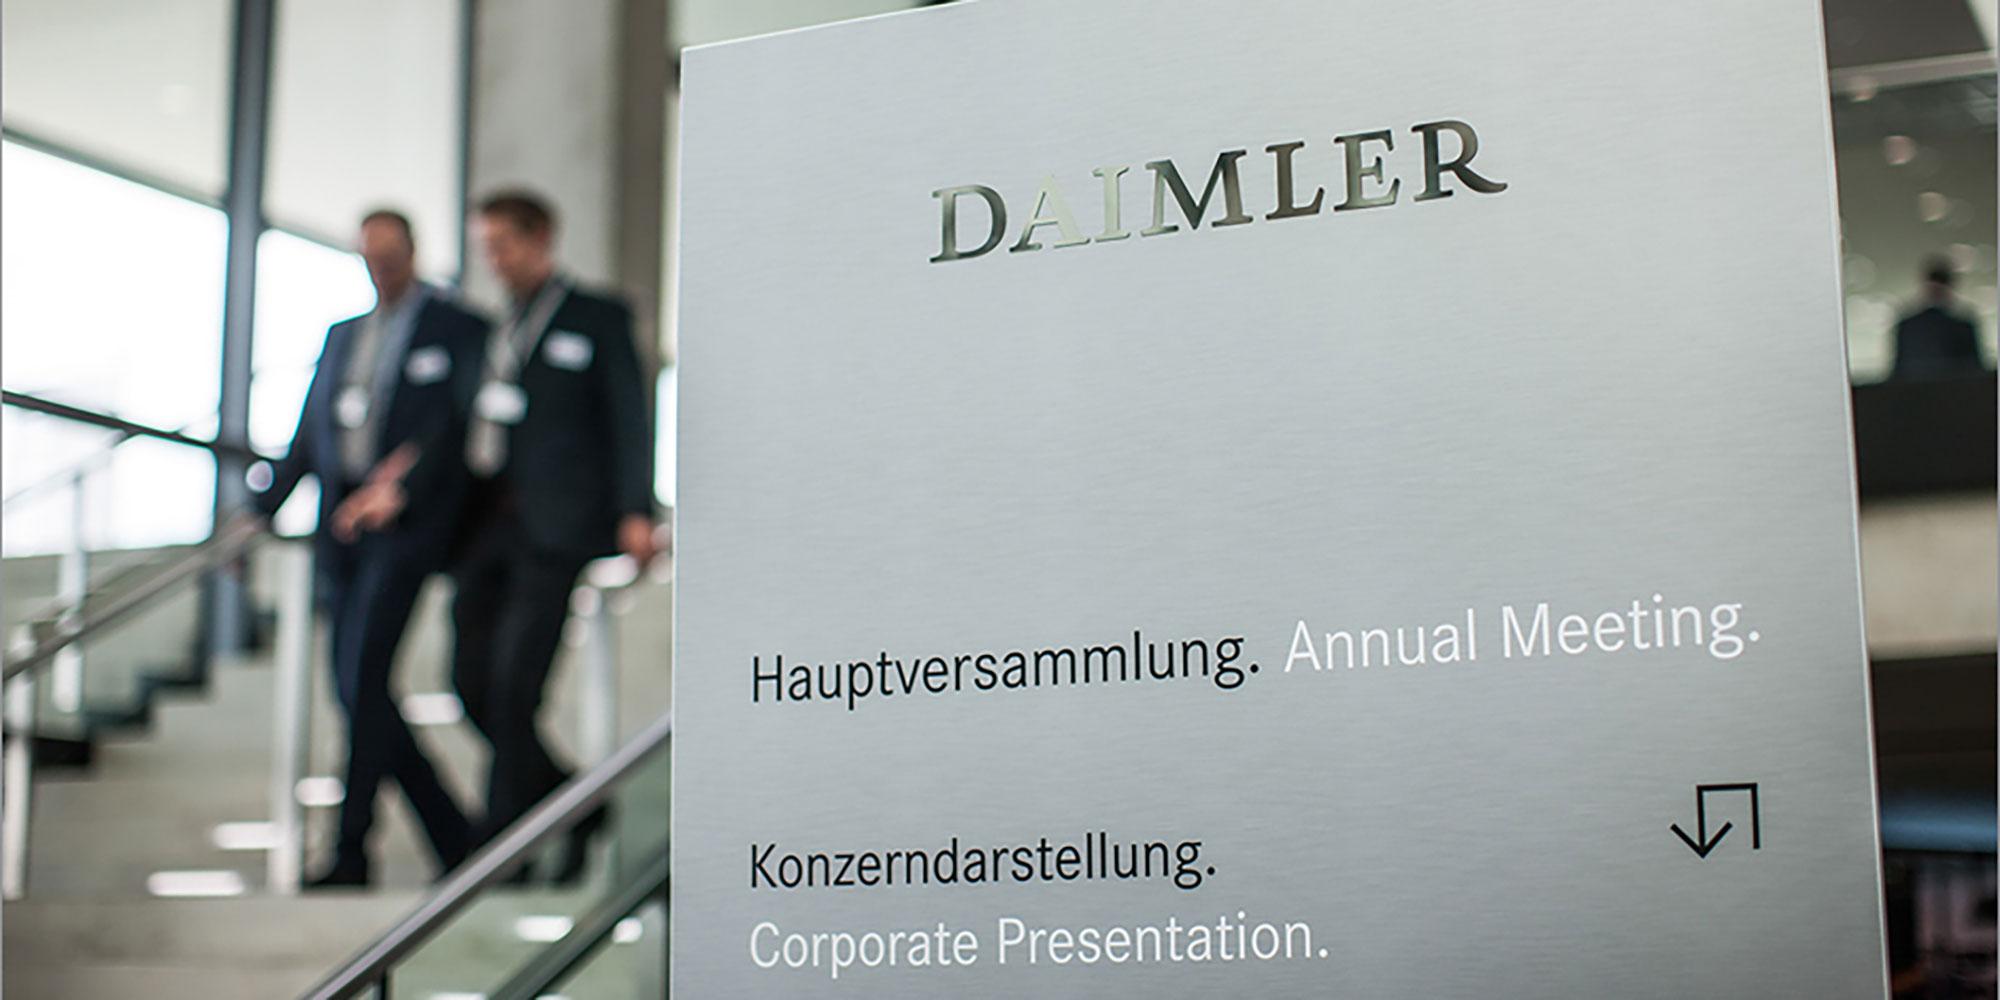 Daimler Hauptversammlung Berlin